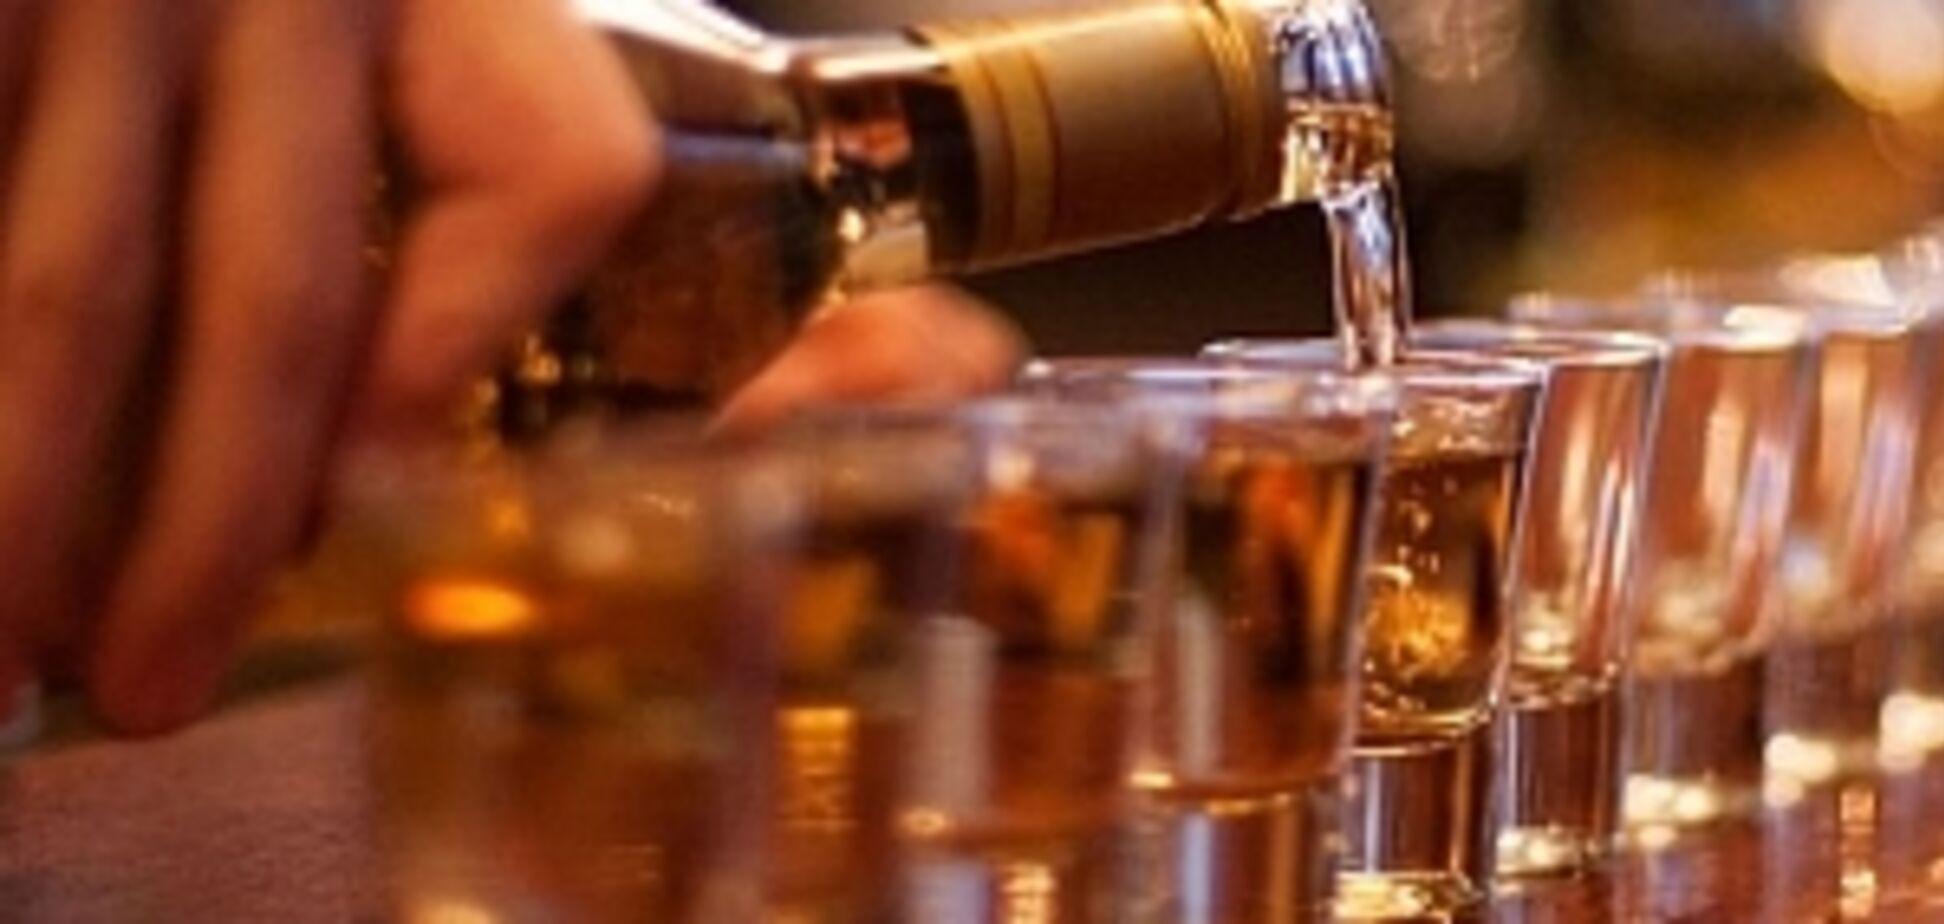 В Украине взлетели цены на алкоголь: сколько заплатим